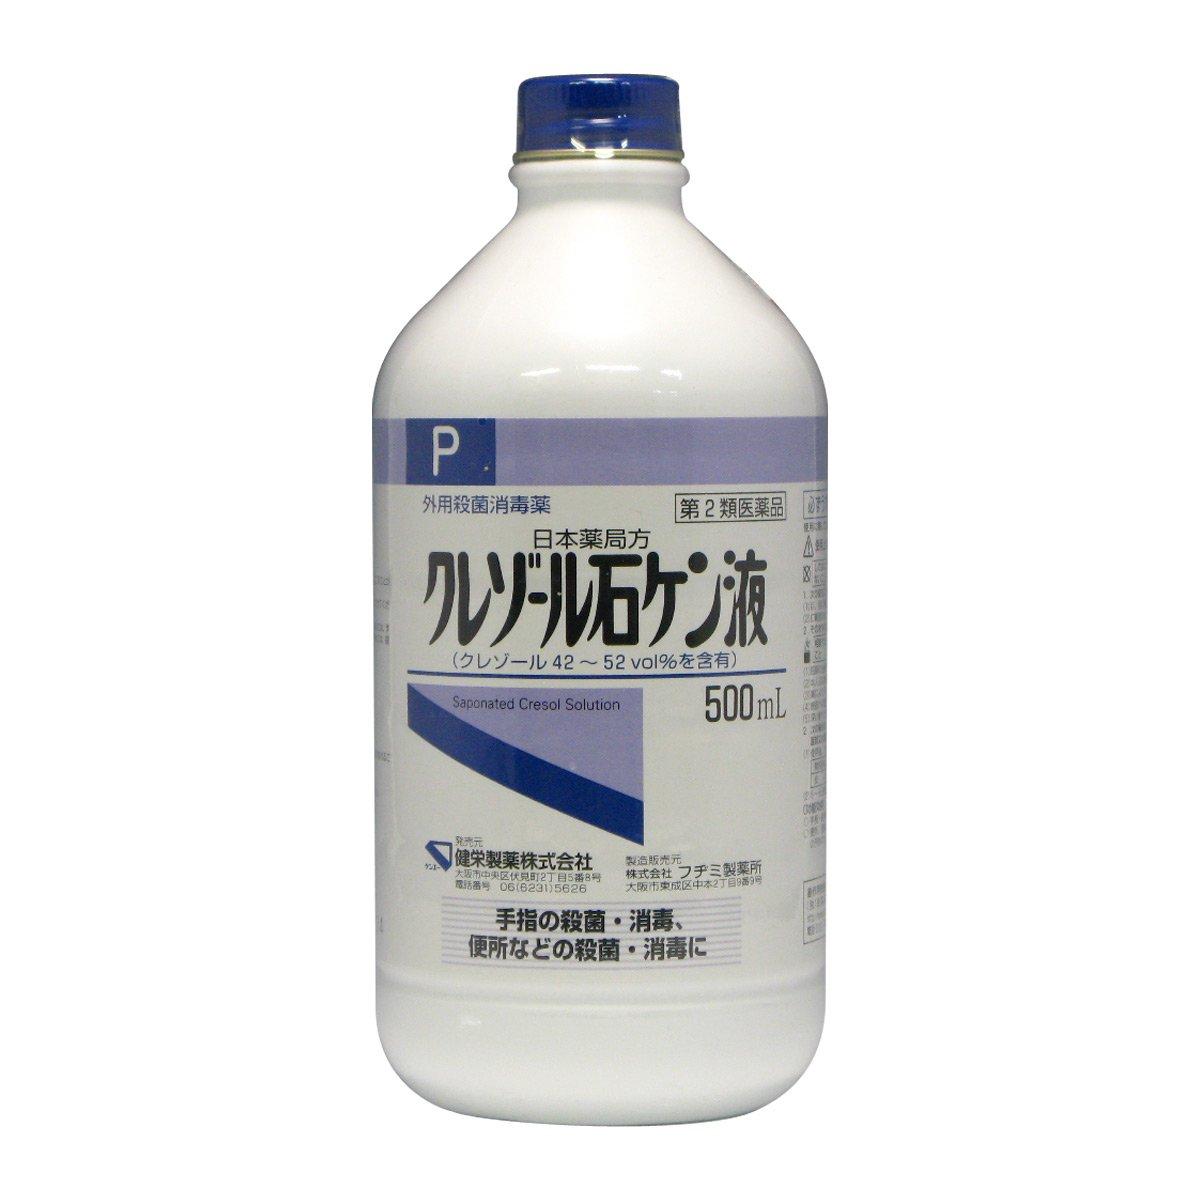 クレゾール 石鹸 液 【楽天市場】クレゾール石鹸液の通販